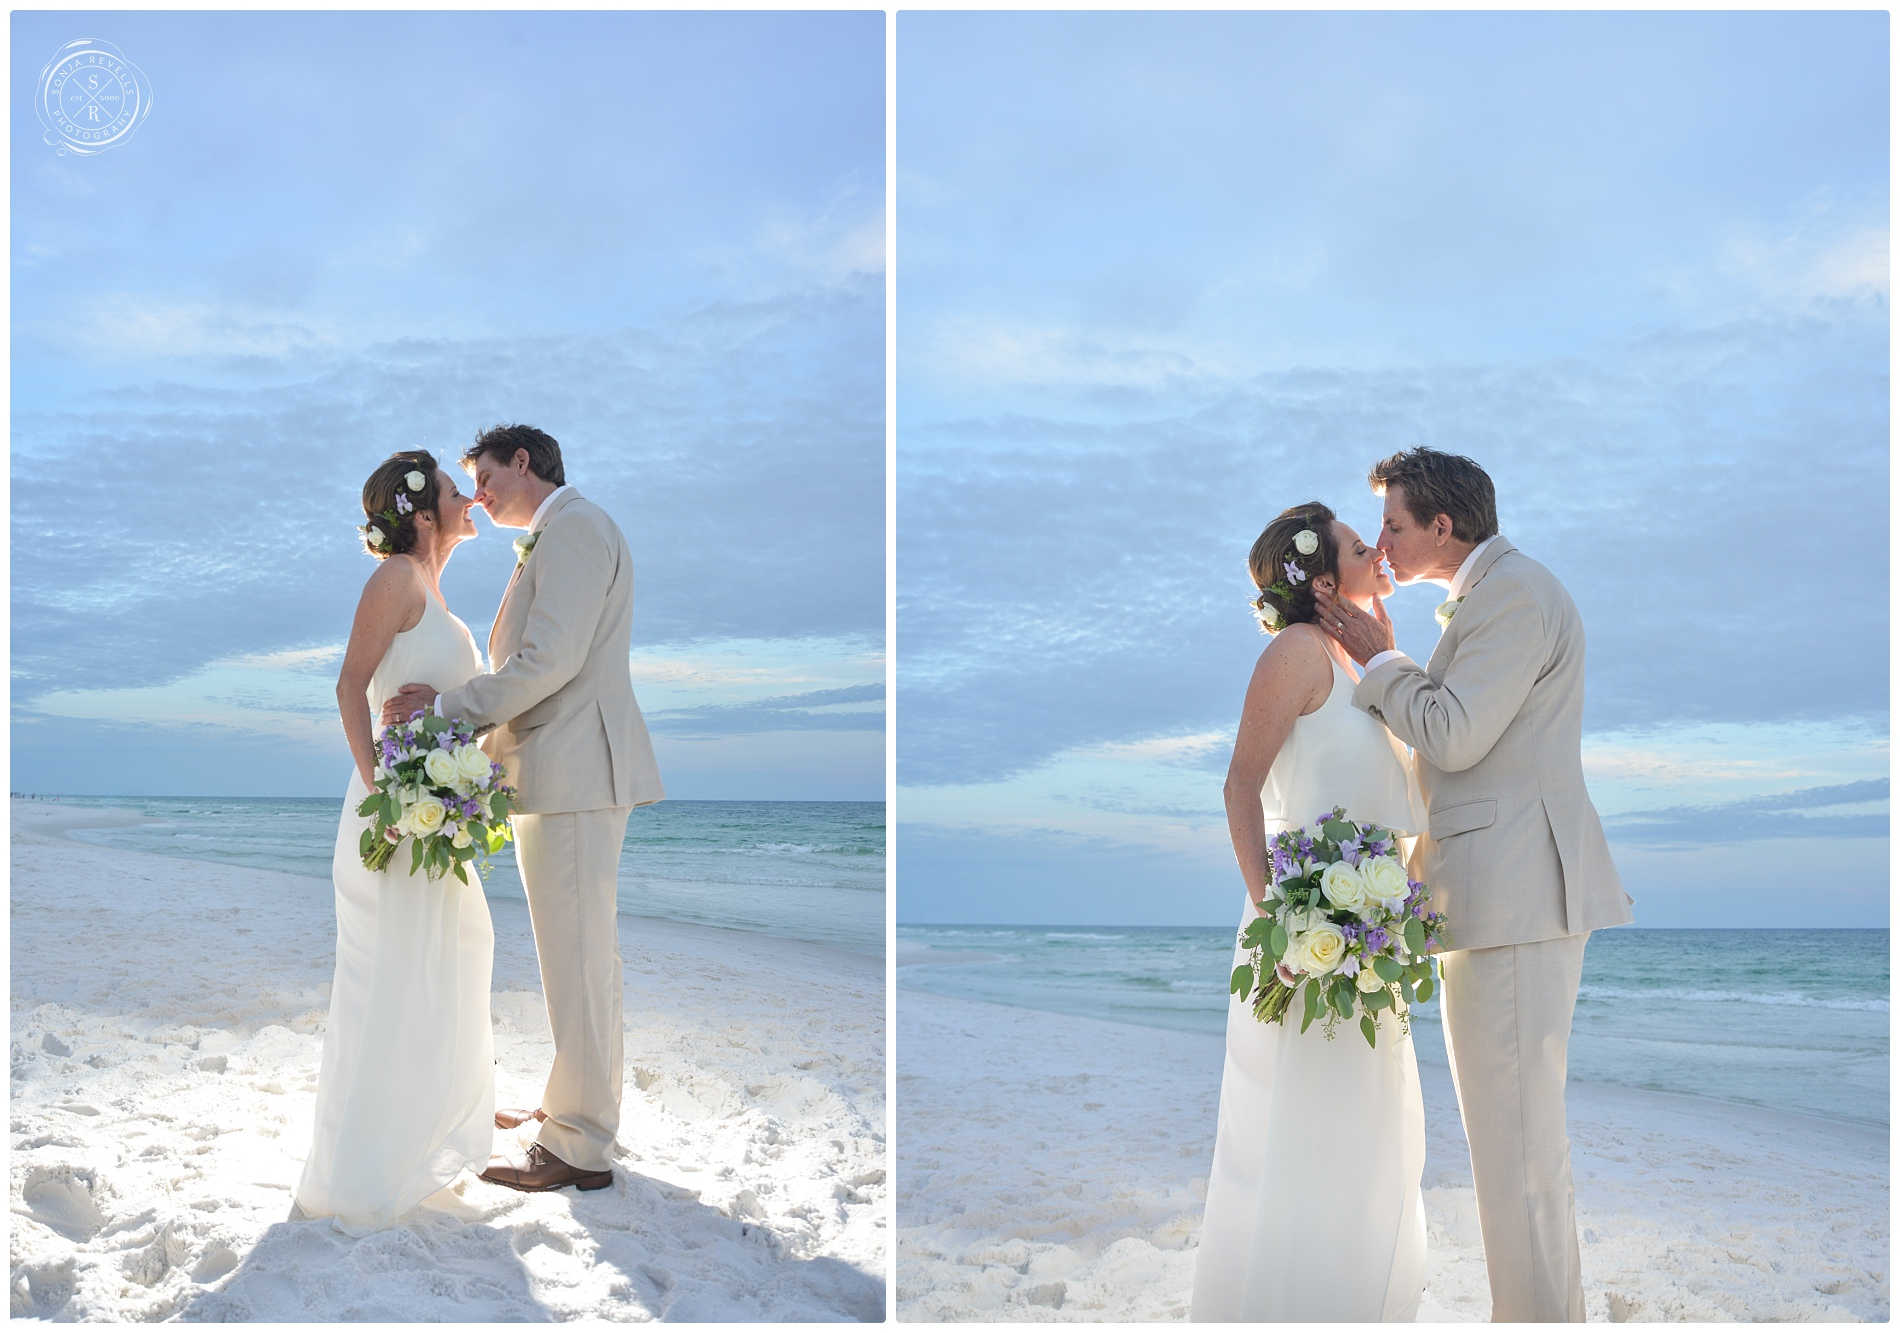 Seaside Wedding- Seaside Wedding Photographer,Wedding Photography,